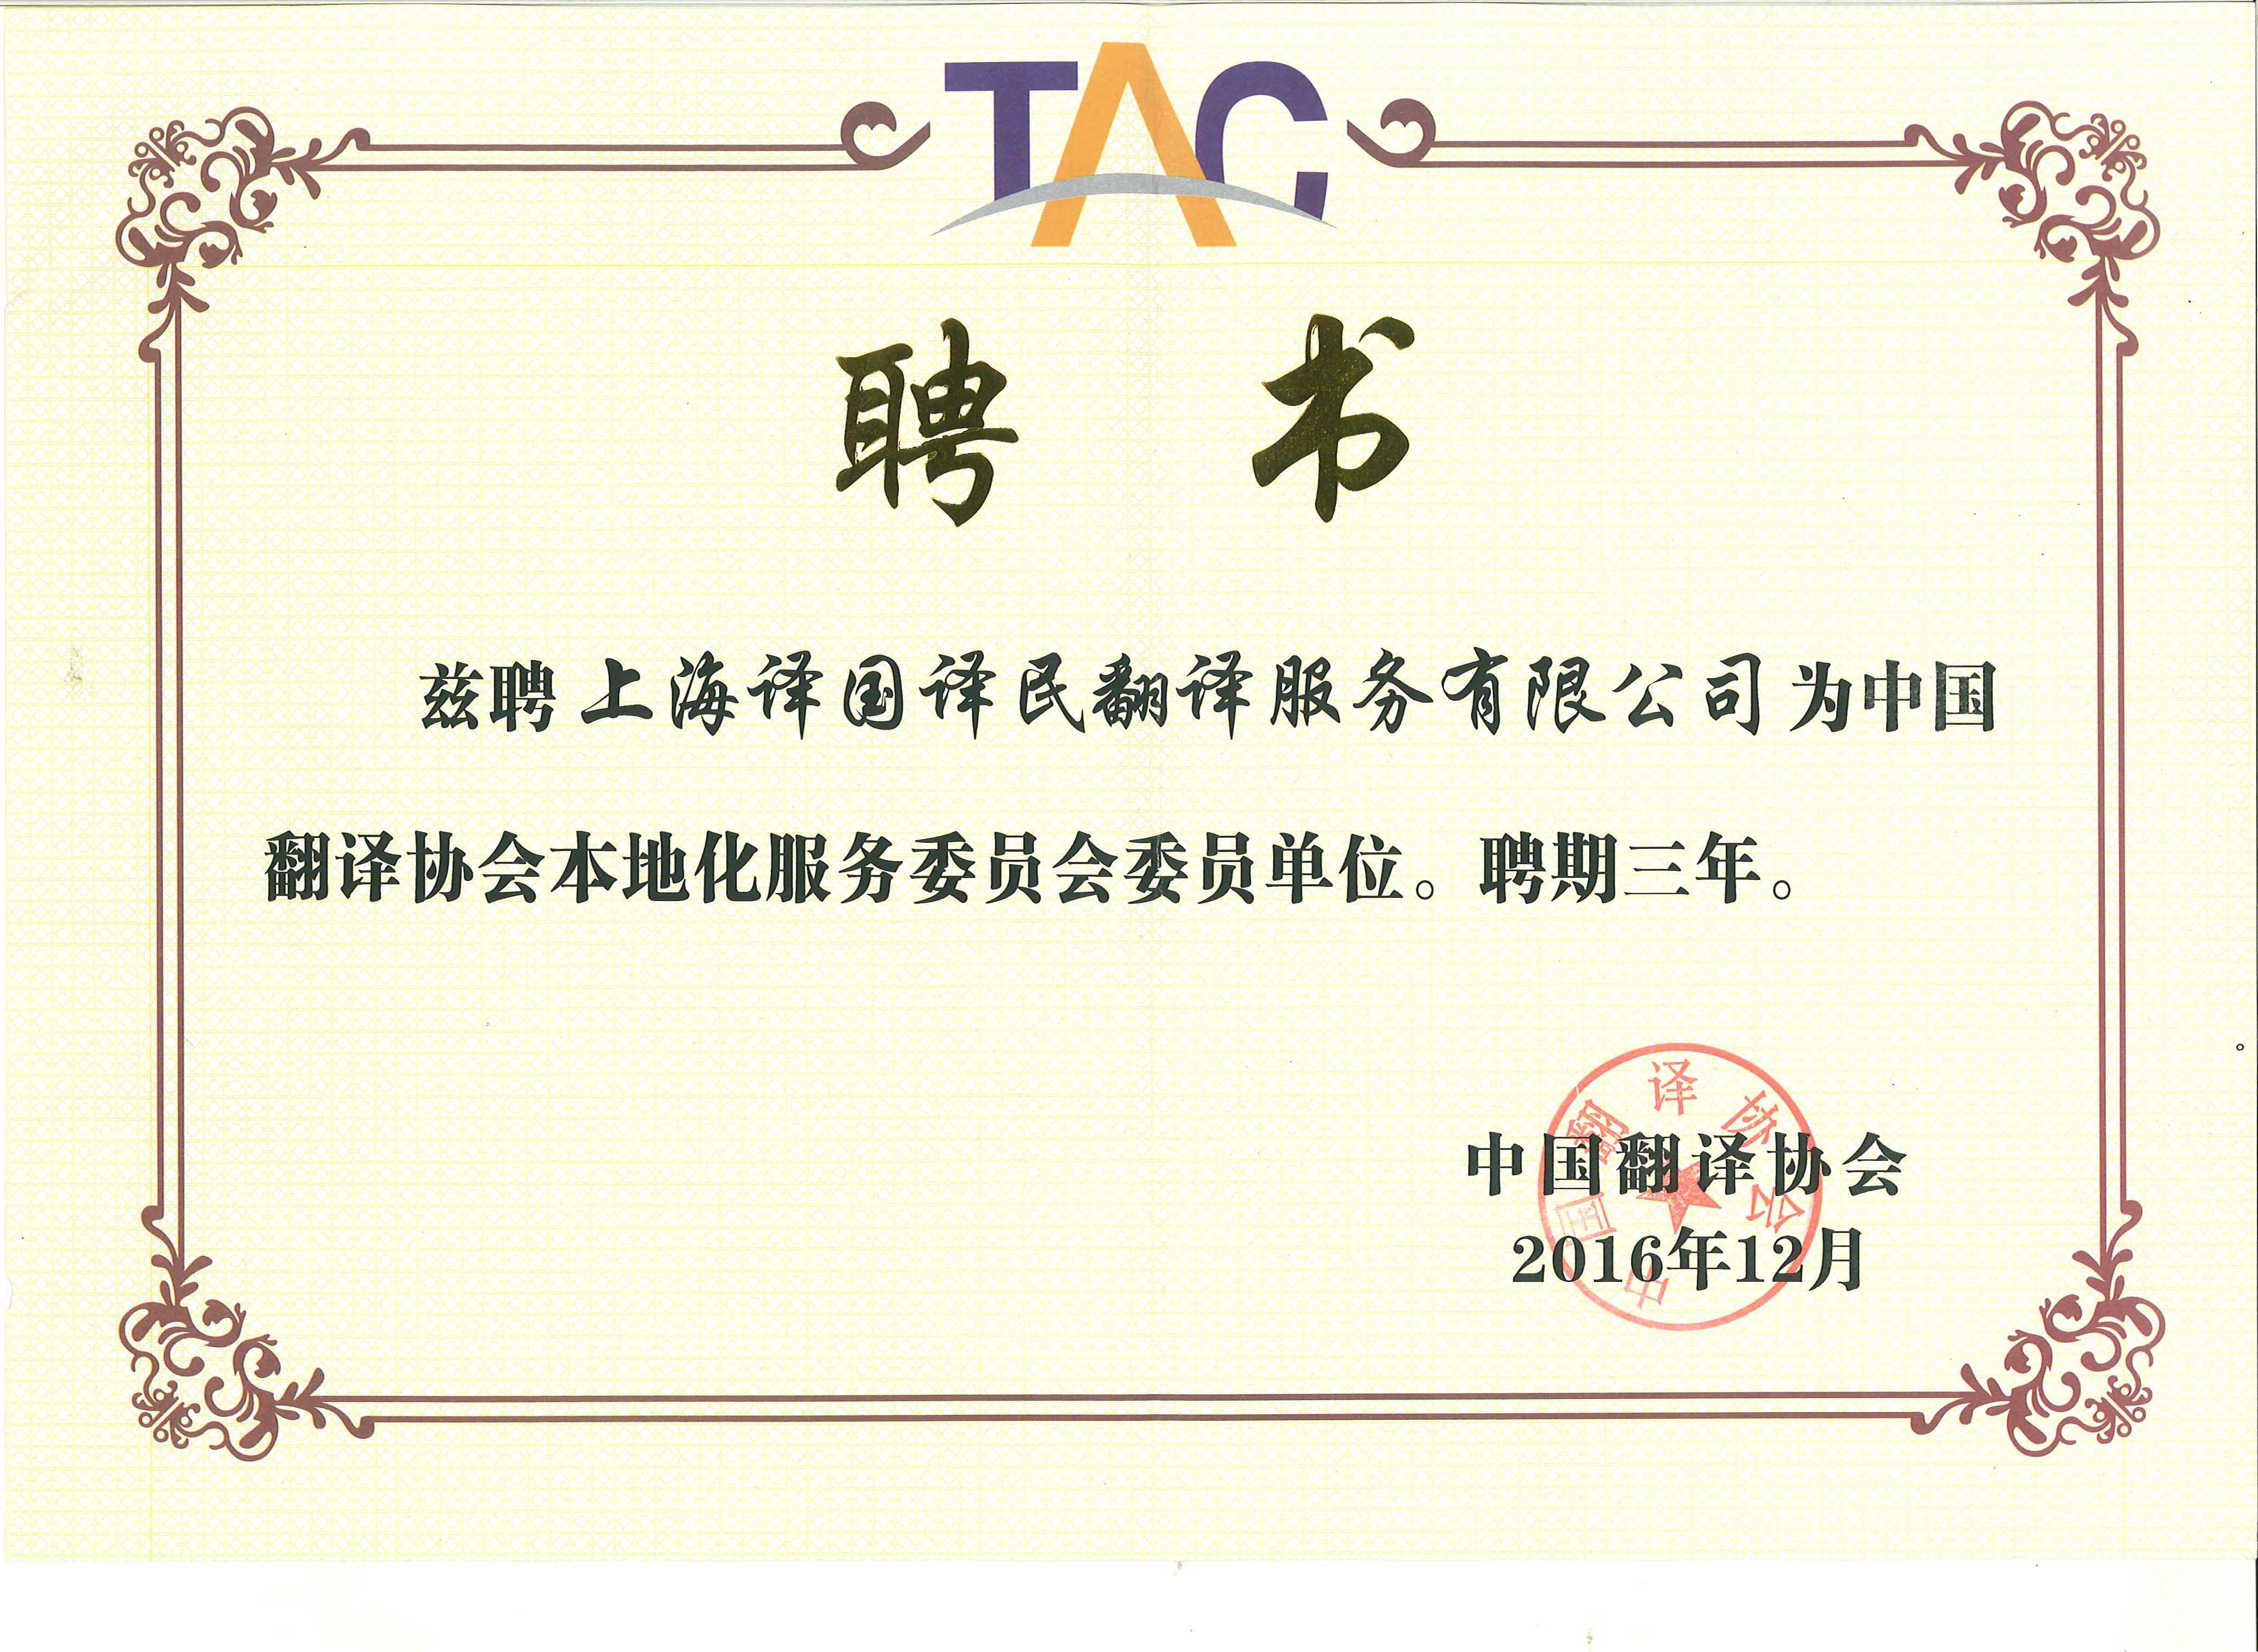 中国翻译协会本地化服务委员会委员单位